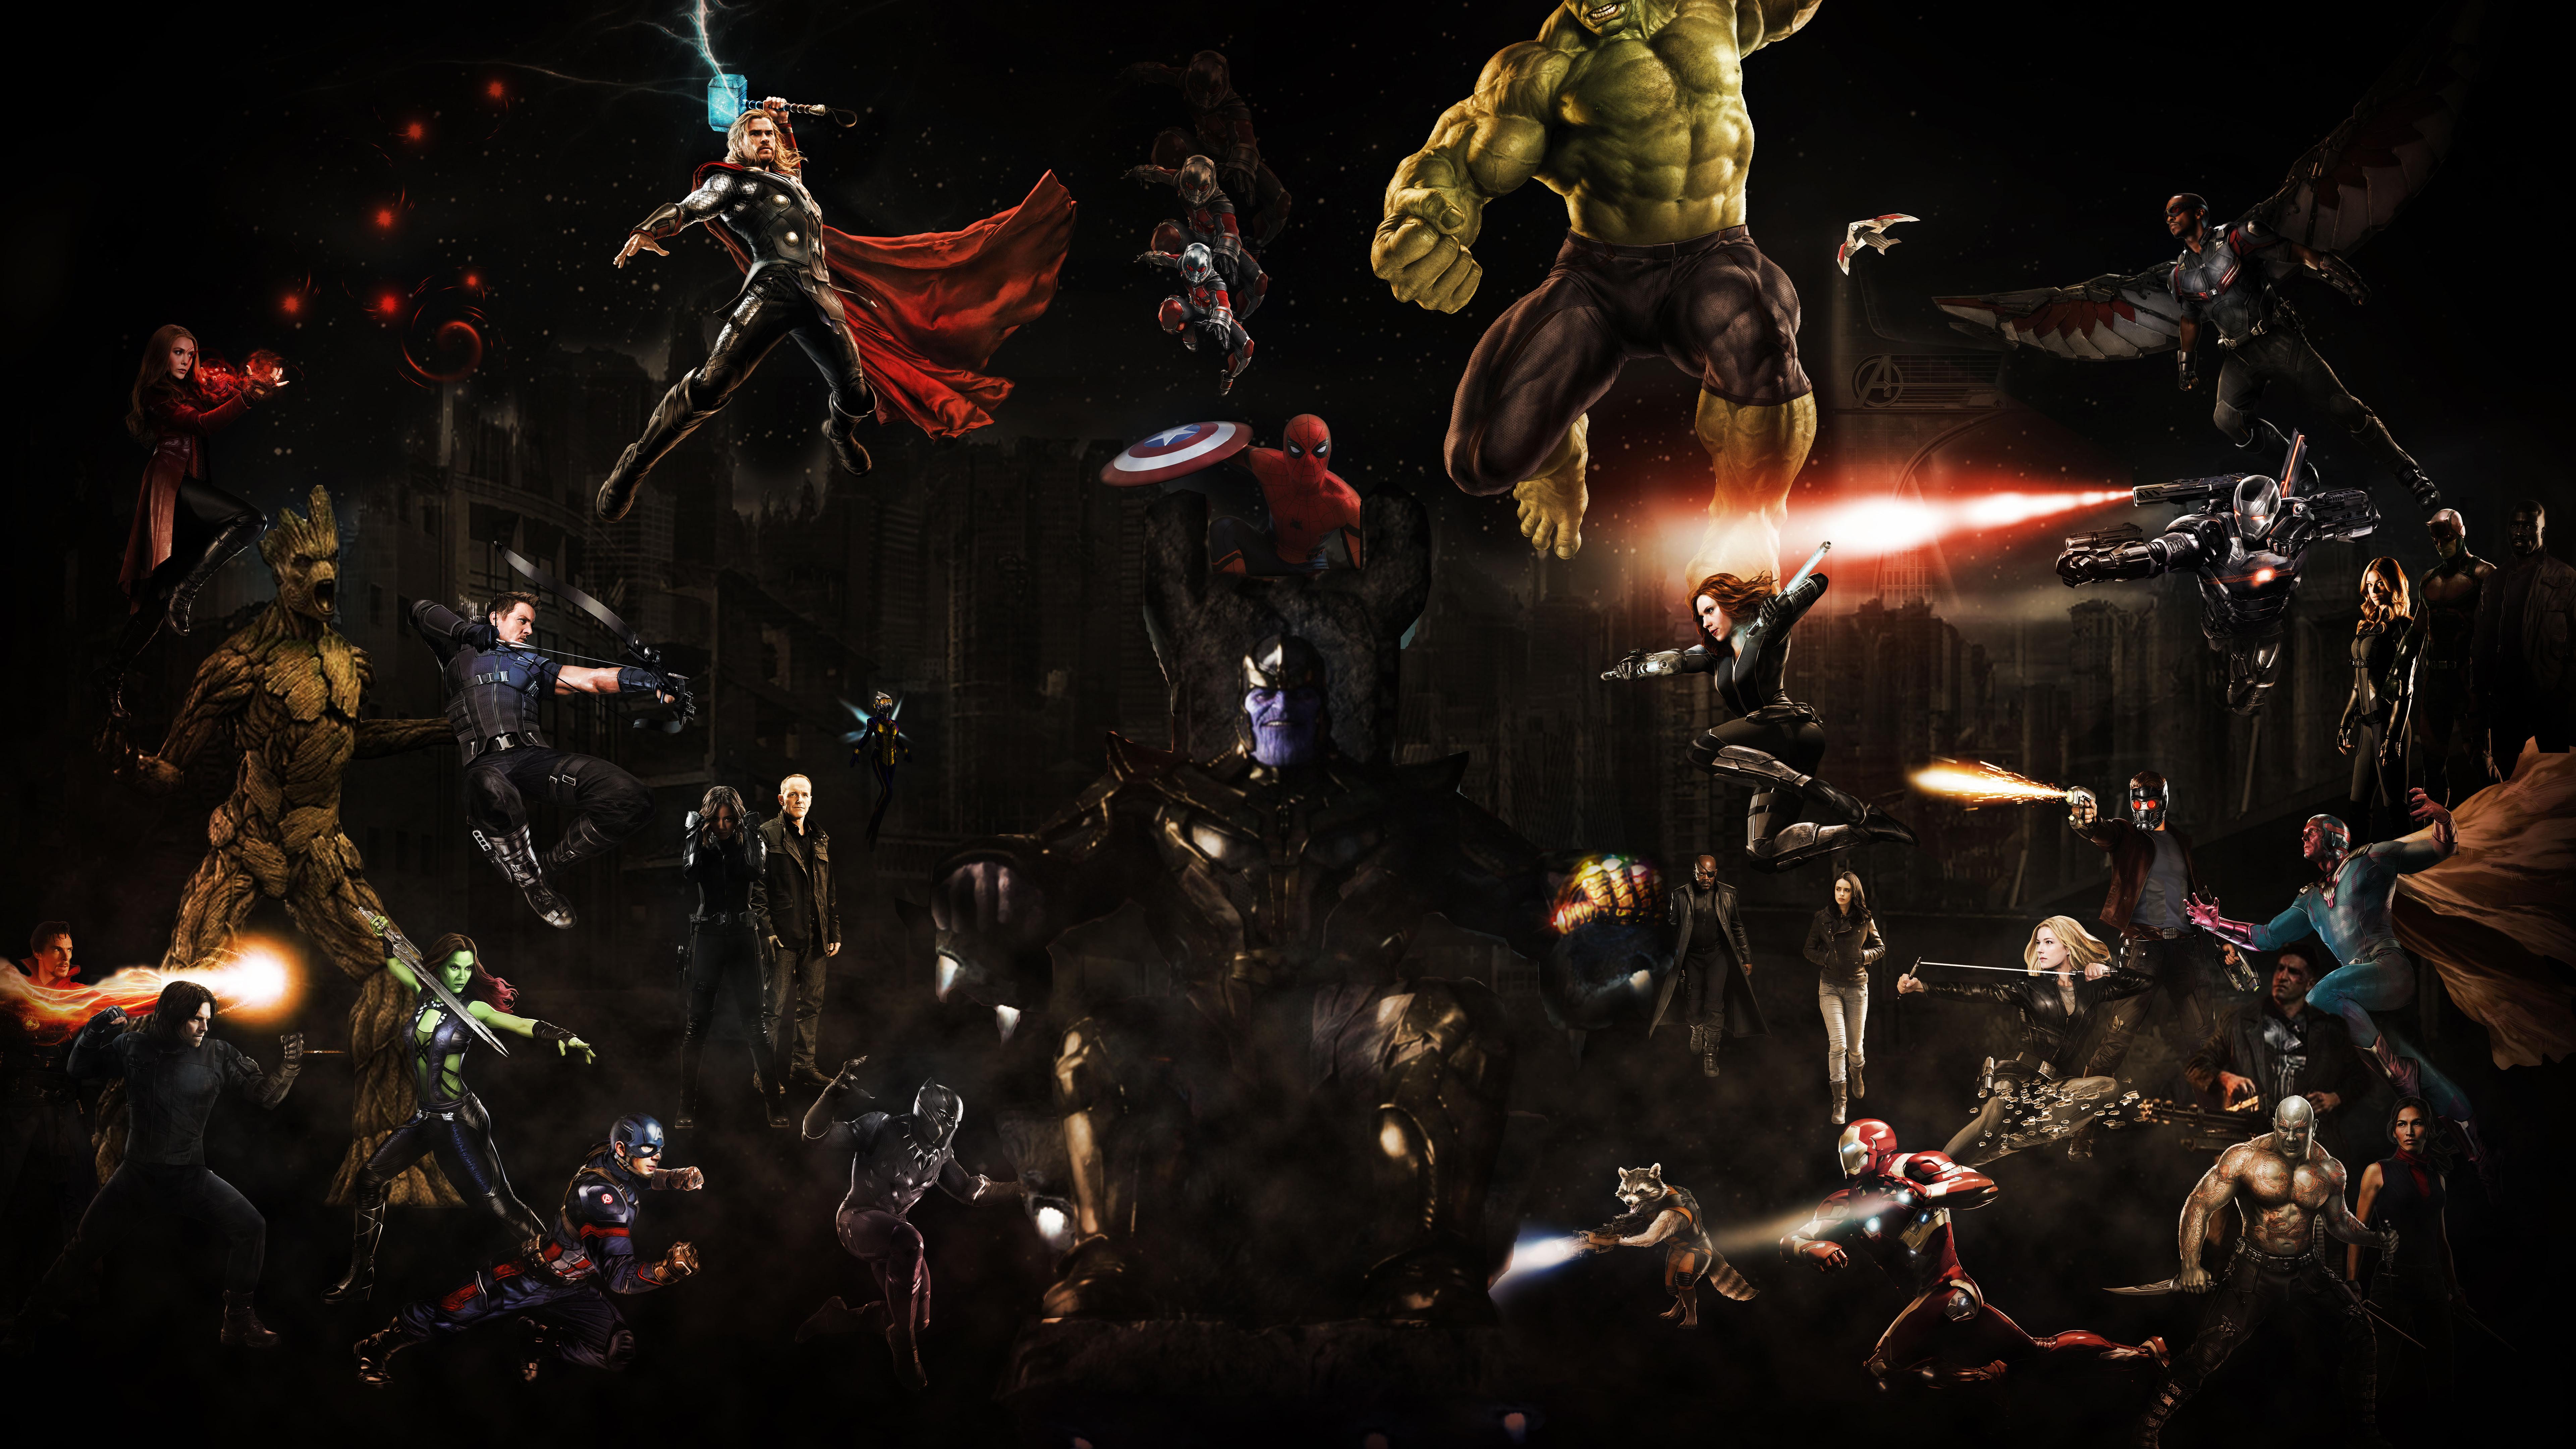 avengers-infinity-war-2018-10k-artwork-23.jpg